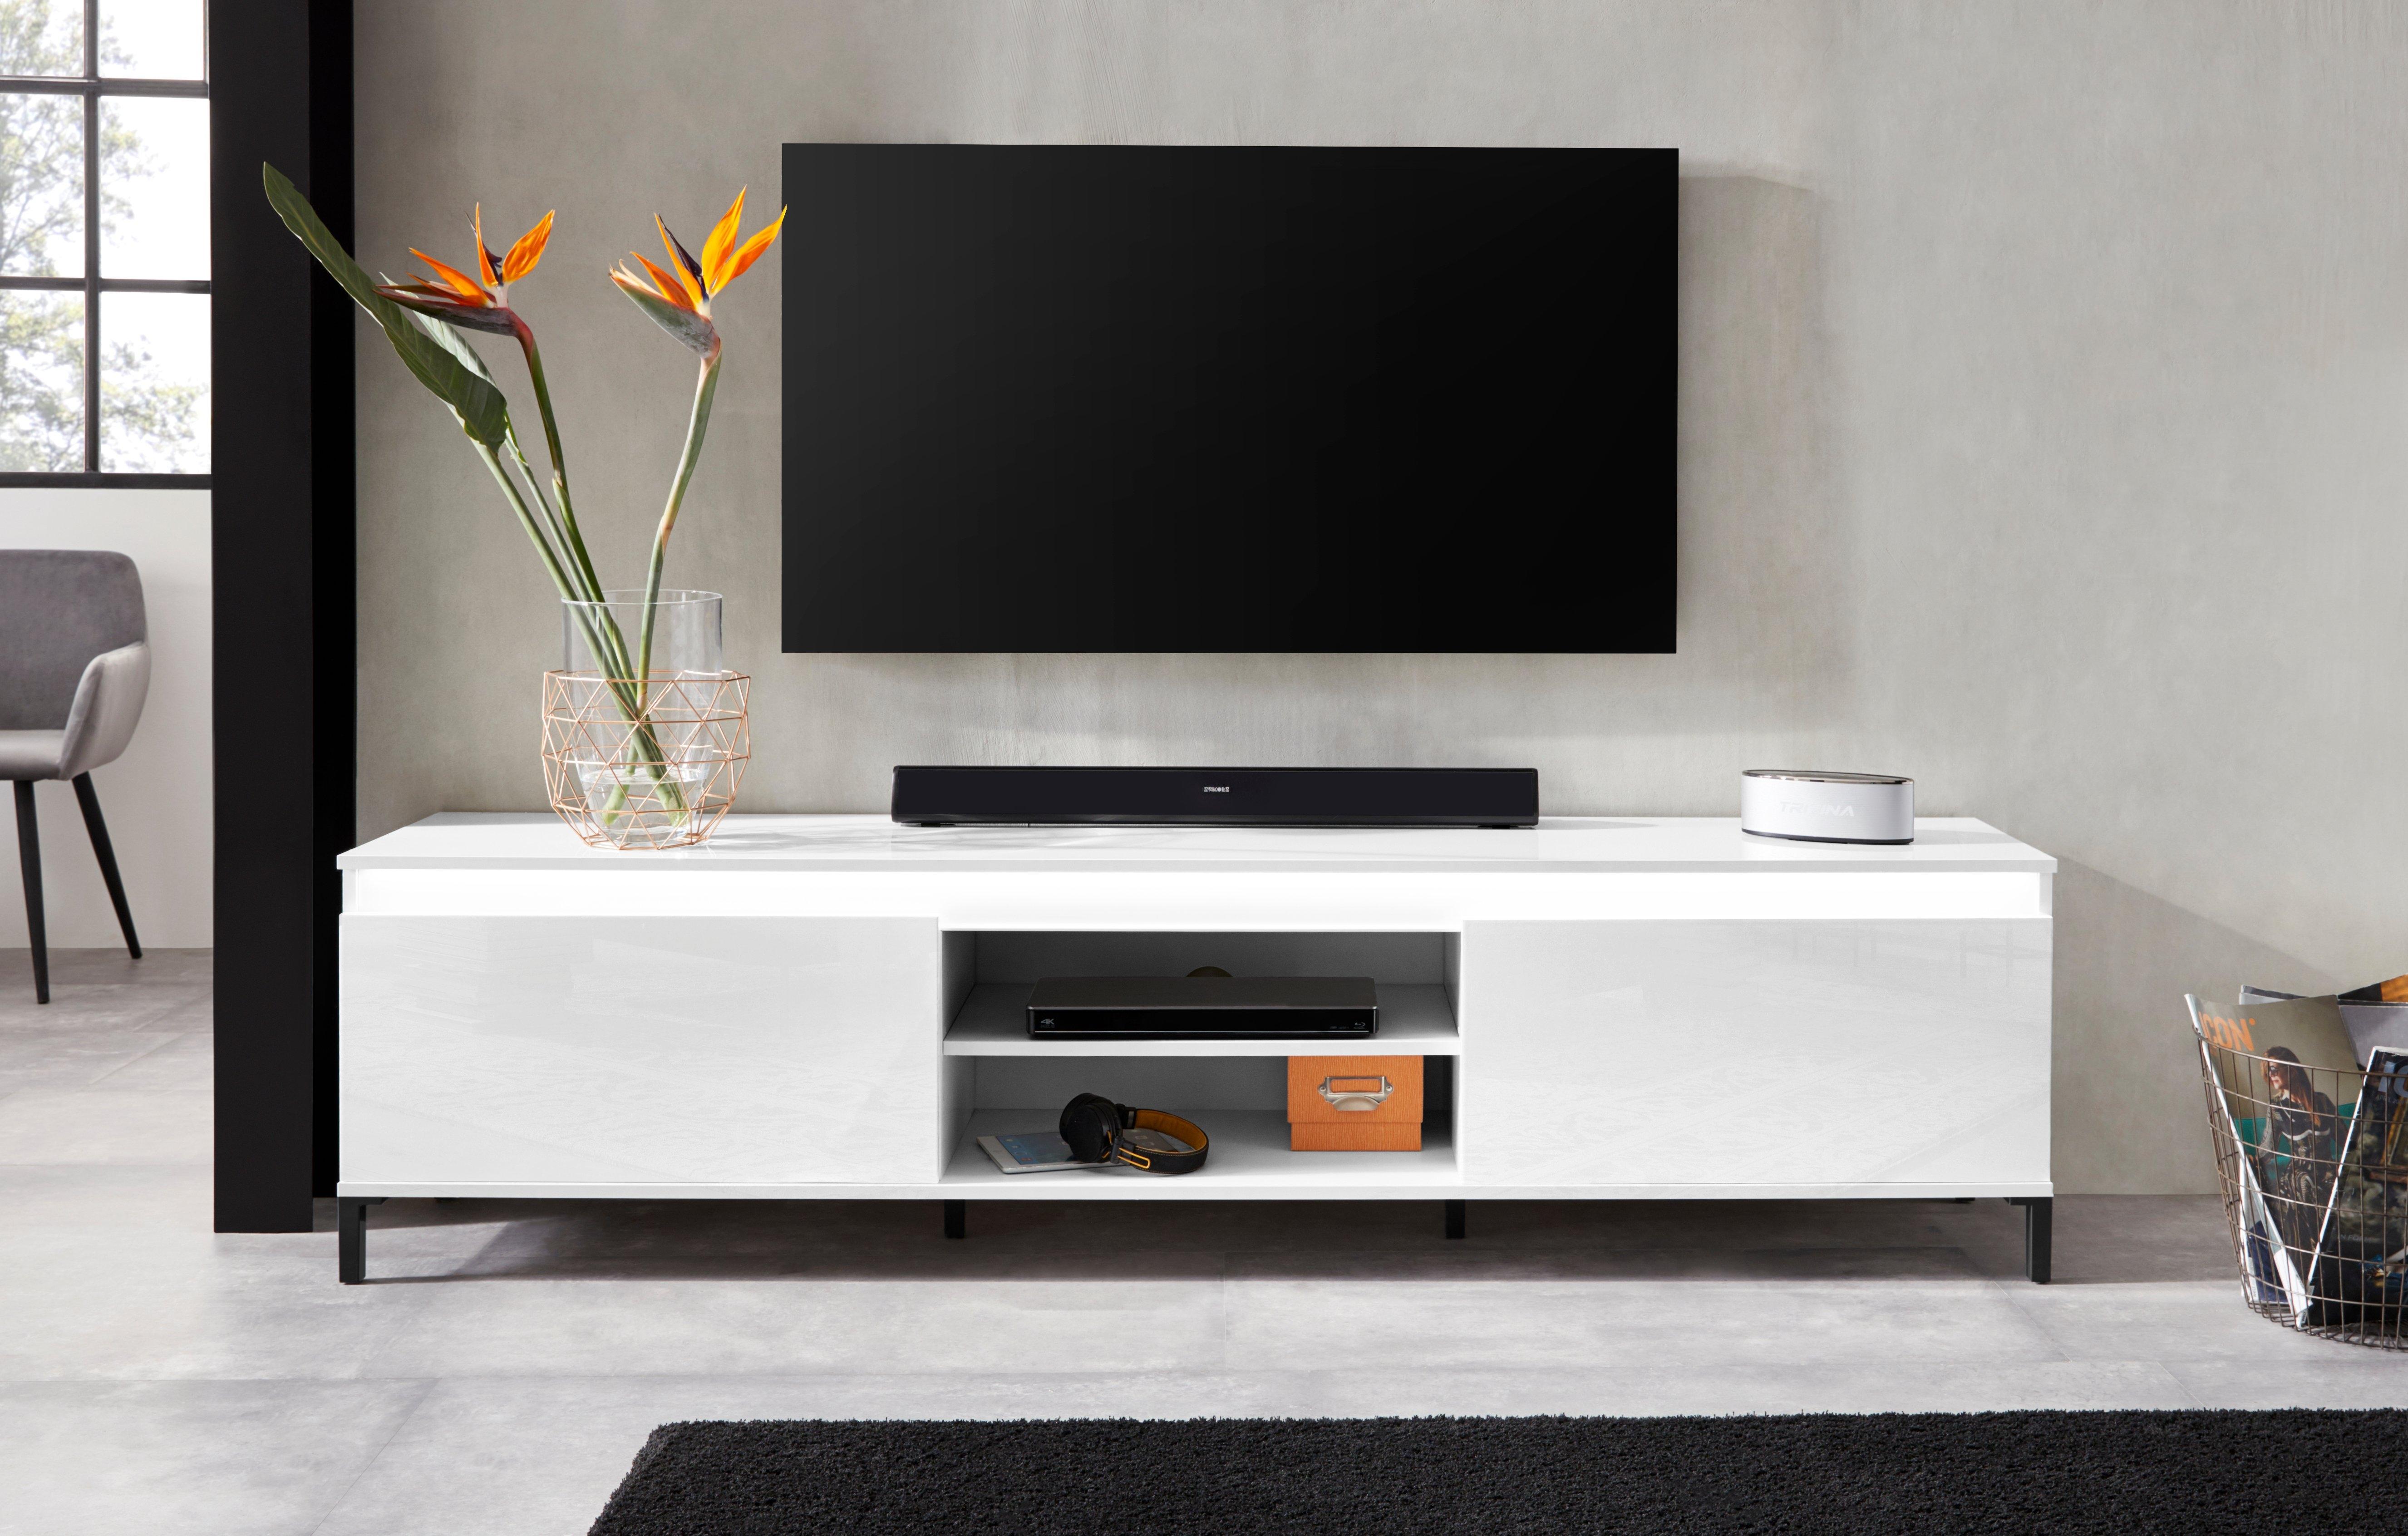 Op zoek naar een KITALY tv-meubel Genio Breedte 200 cm, met omkeerbare strook? Koop online bij OTTO